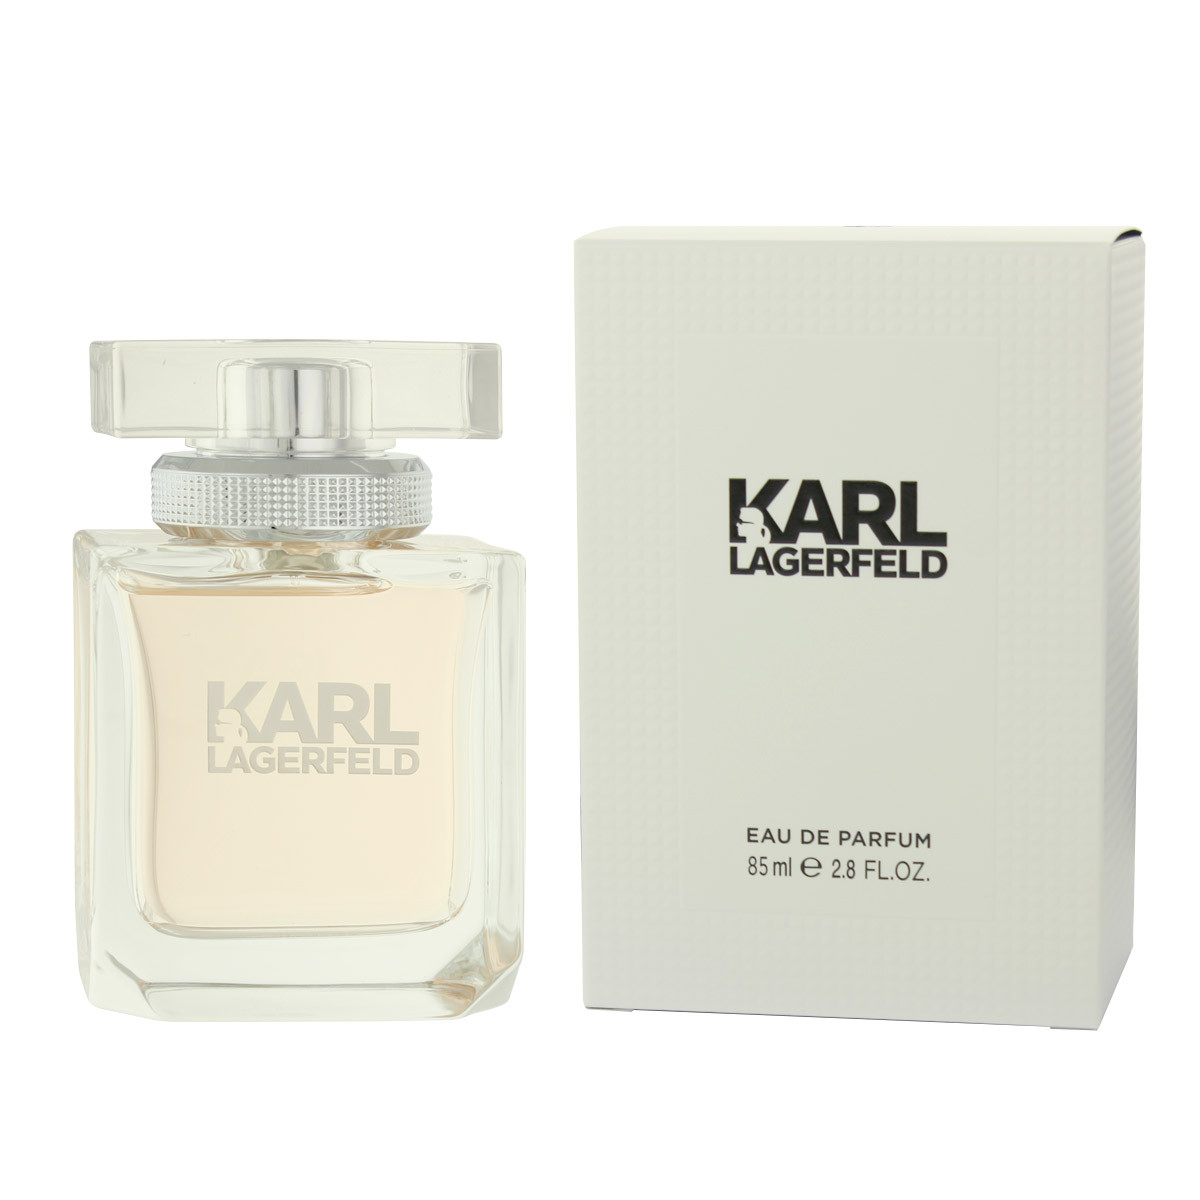 karl lagerfeld parfum damen